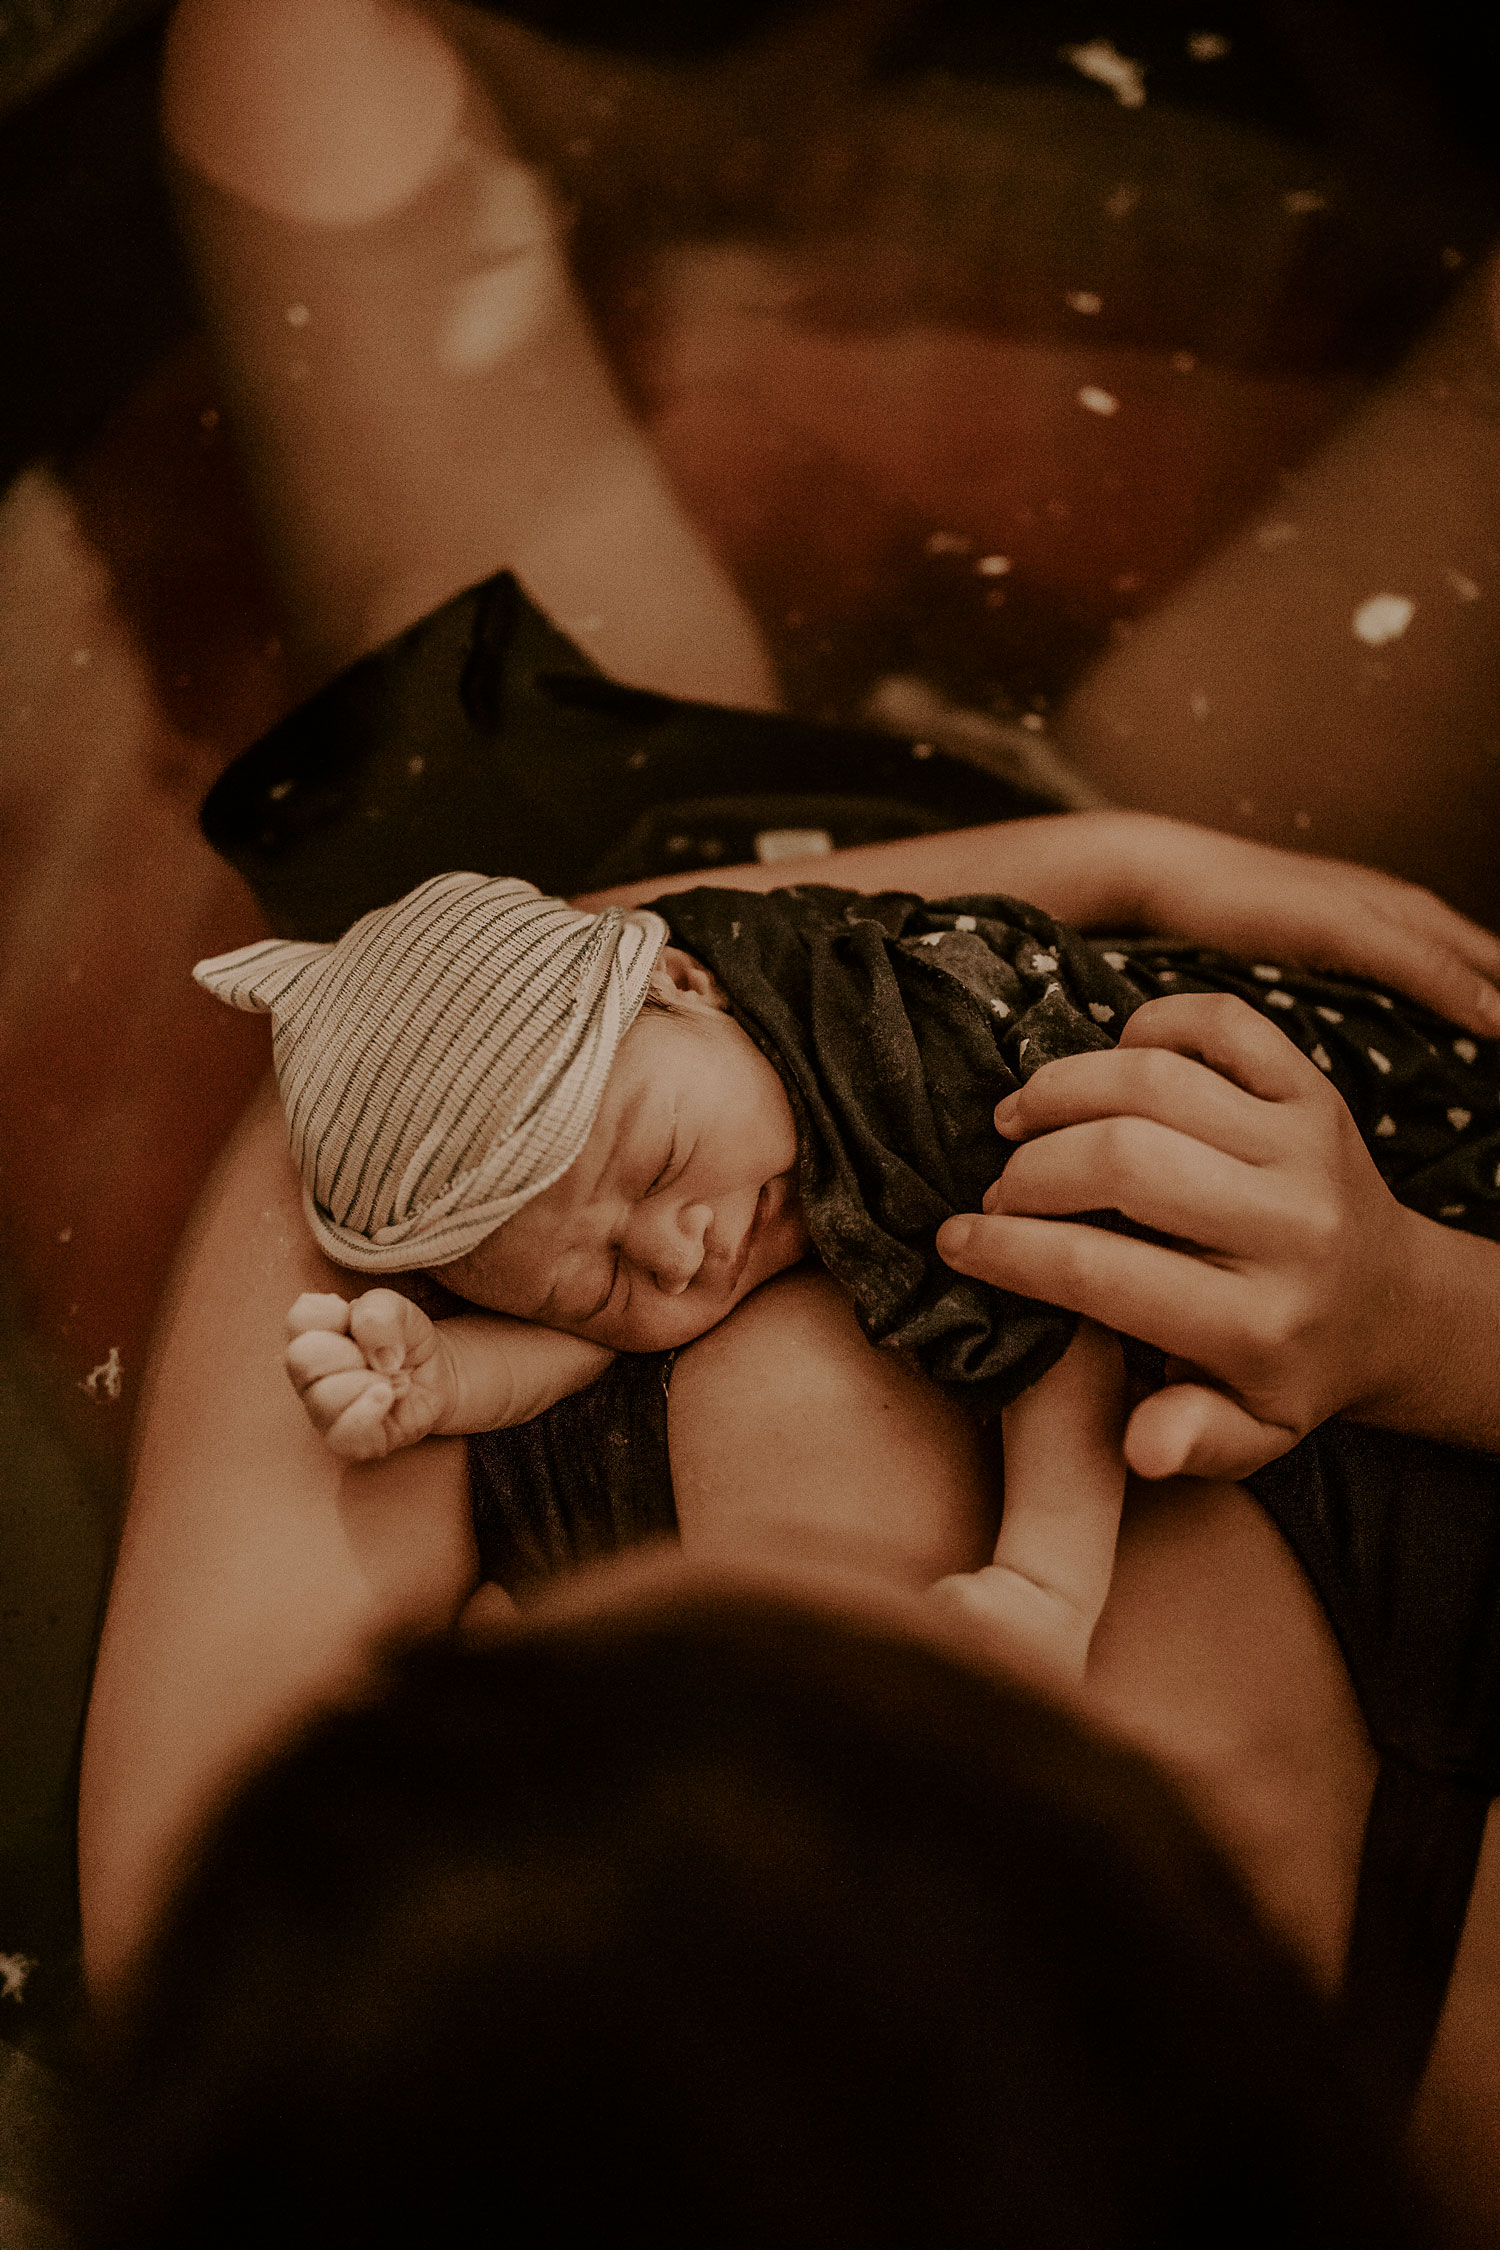 Hawaii-Oahu-Honolulu-Birth-Photographer-The-Sophia-Co-23.jpg